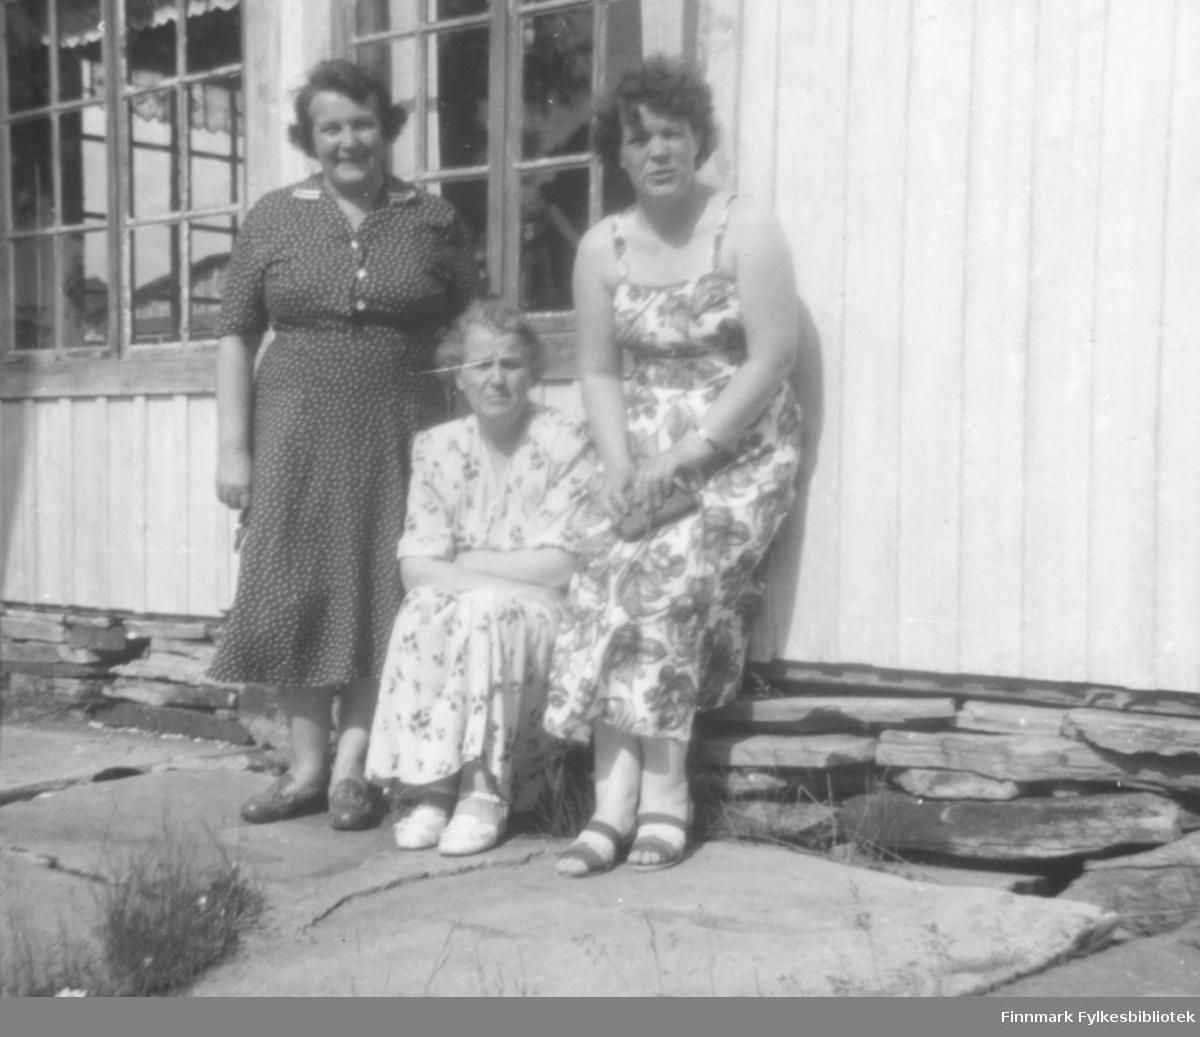 Fra venstre: Gunvor Buob, Svanhild Kvam og Ragnhild Ebeltoft. Svanhild var mot til Gunvor og Ragnhild